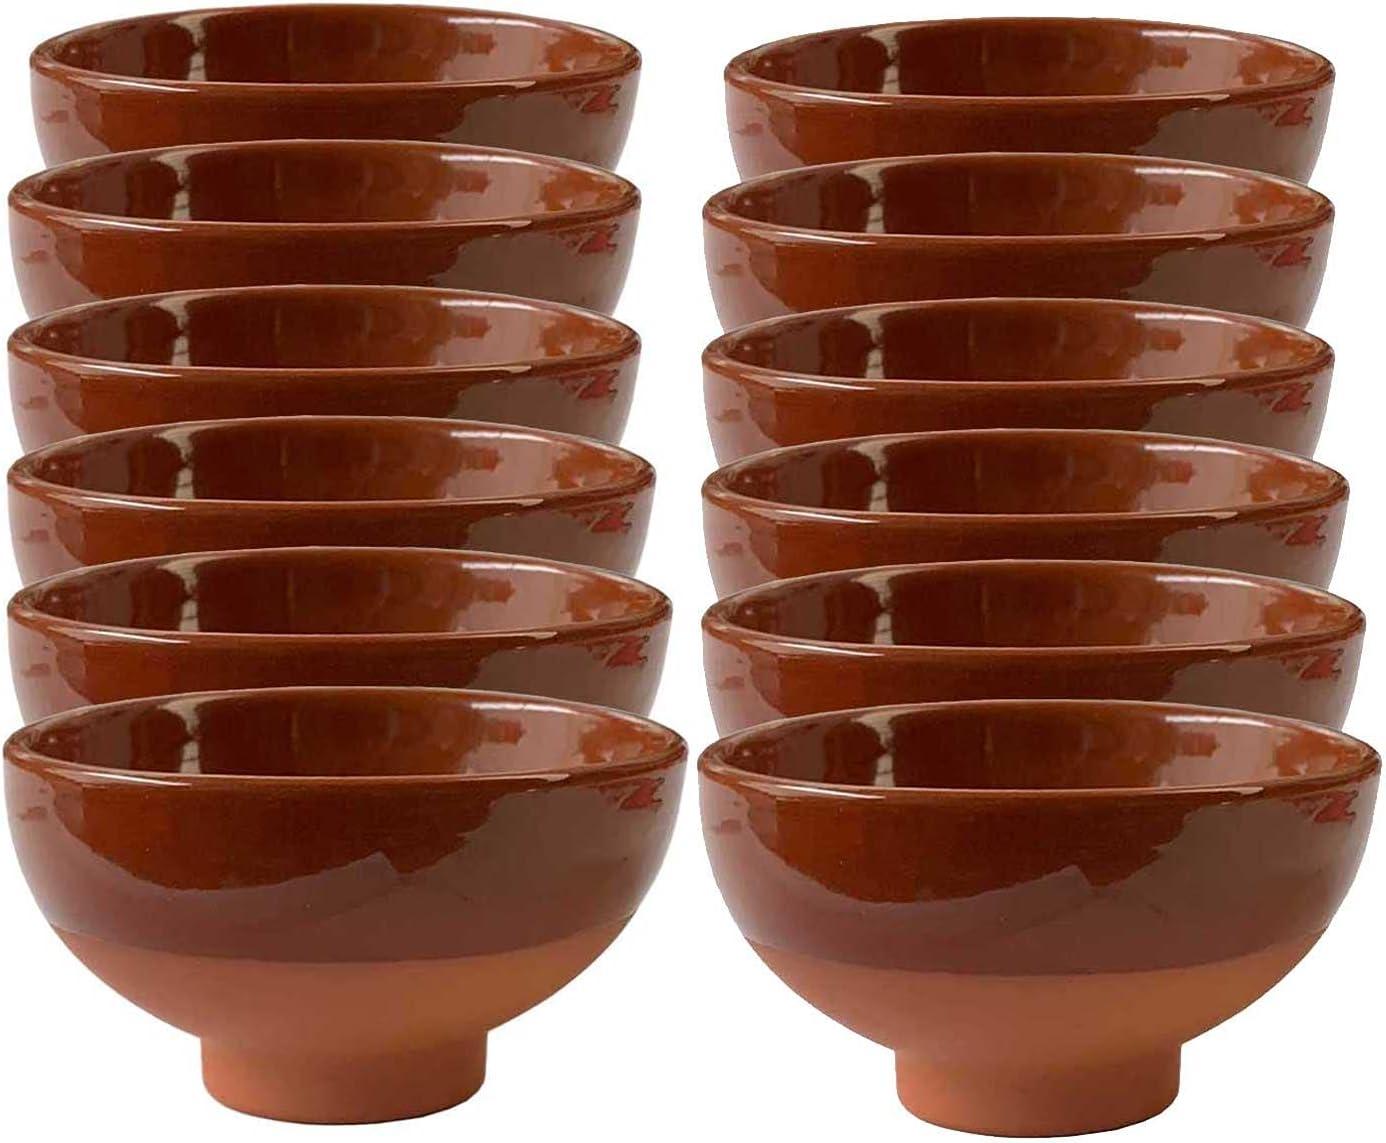 Pack de 12 tazas de barro cocido de 9,5 cm. de diámetro, ideales para vino, salsas o aperitivos, juego de 12 cuencos de barro pequeños 5 x 9.5 cm